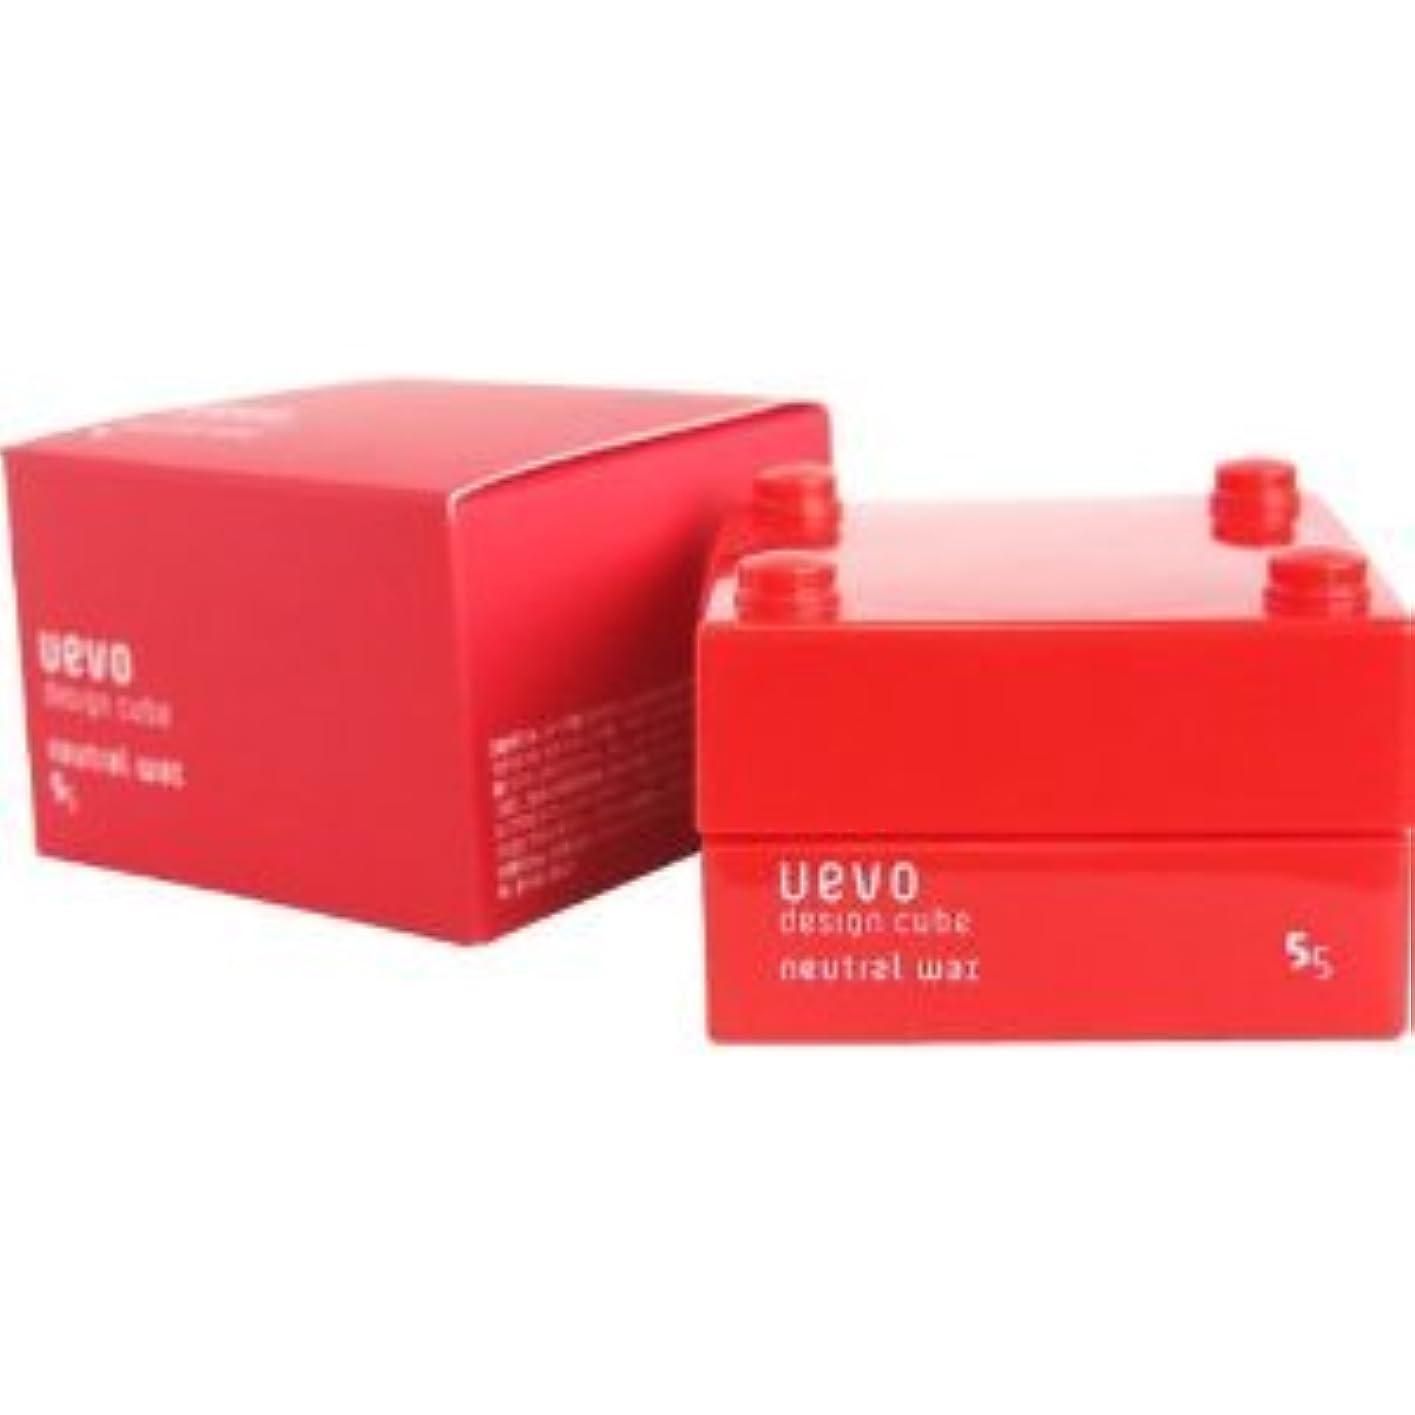 タイマーエジプト人乗って【X3個セット】 デミ ウェーボ デザインキューブ ニュートラルワックス 30g neutral wax DEMI uevo design cube